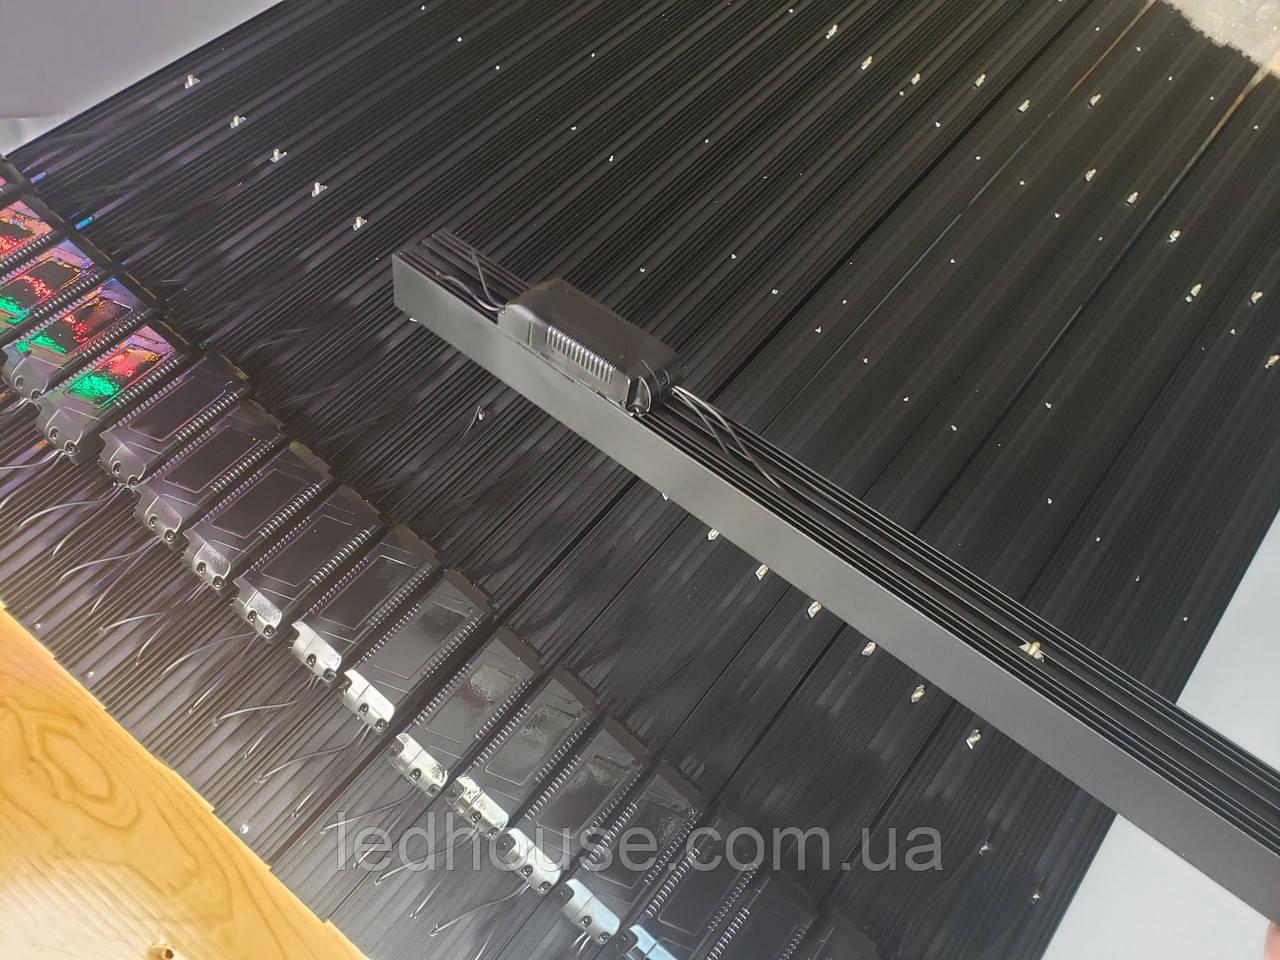 Лінійний підвісний світильник LED 6300lm 1200 мм. 60 W. З тросами 1-1,5 метра Чорний